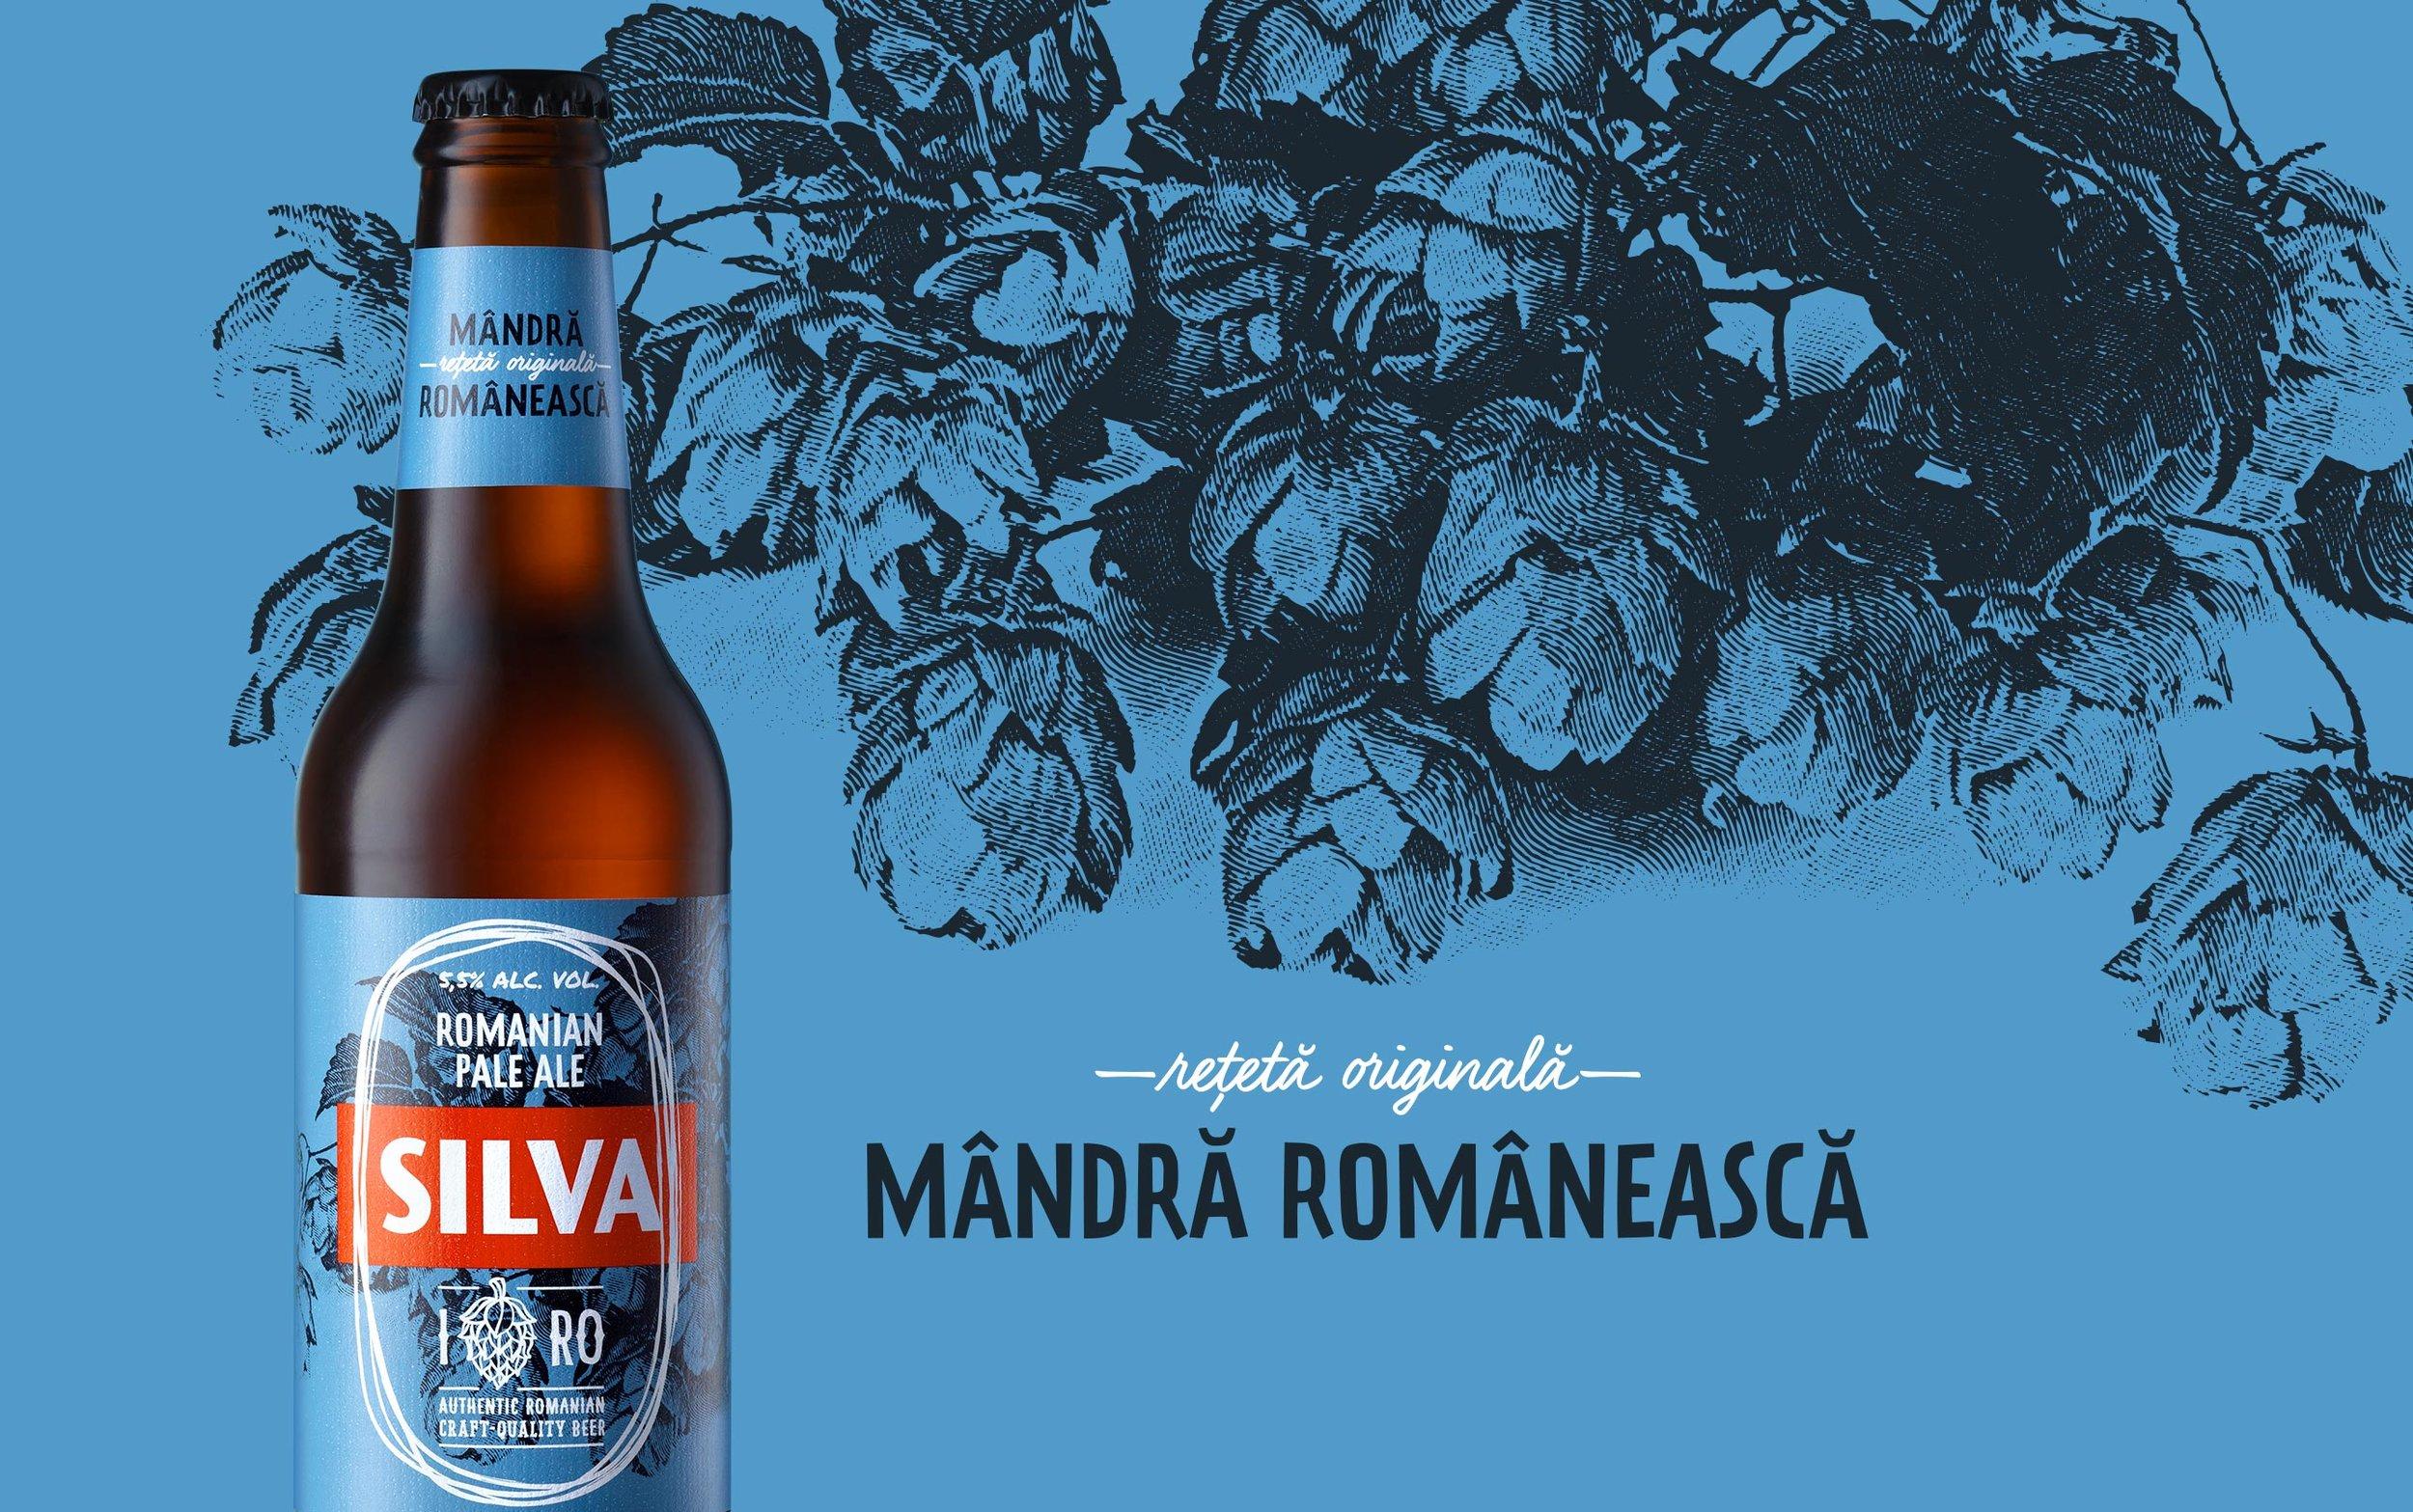 04-Silva-Packaging-Design-Romanian-Pale-Ale-by-Brandient.jpg